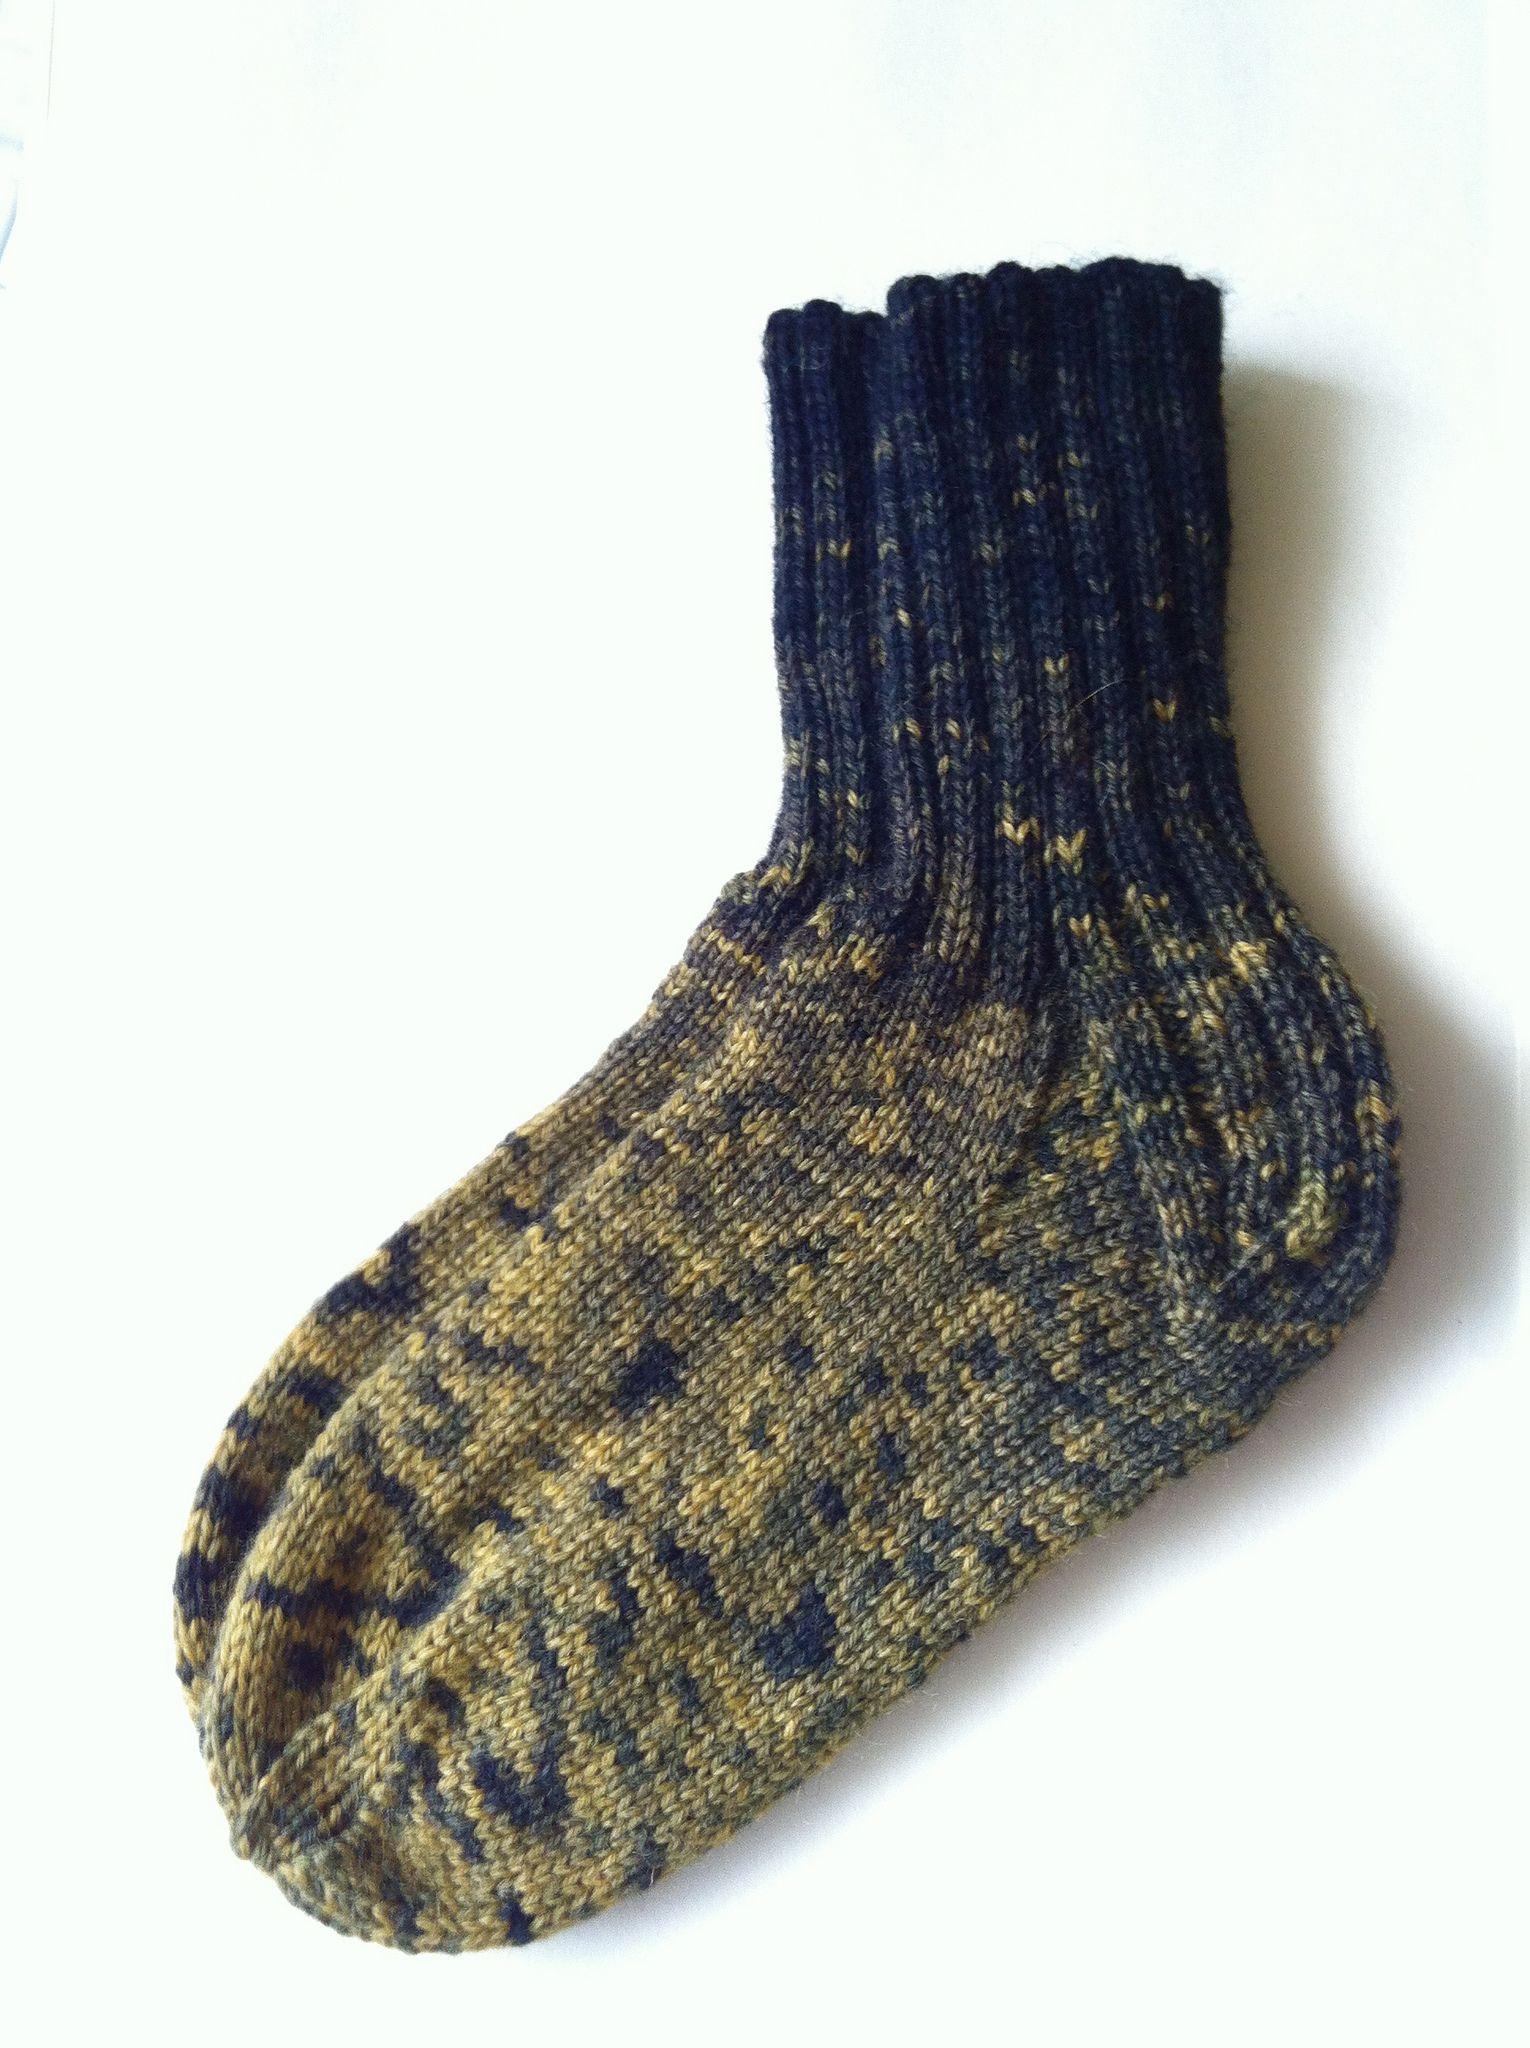 https://flic.kr/p/fmu7Kw | Hand Dyed Wool Socks